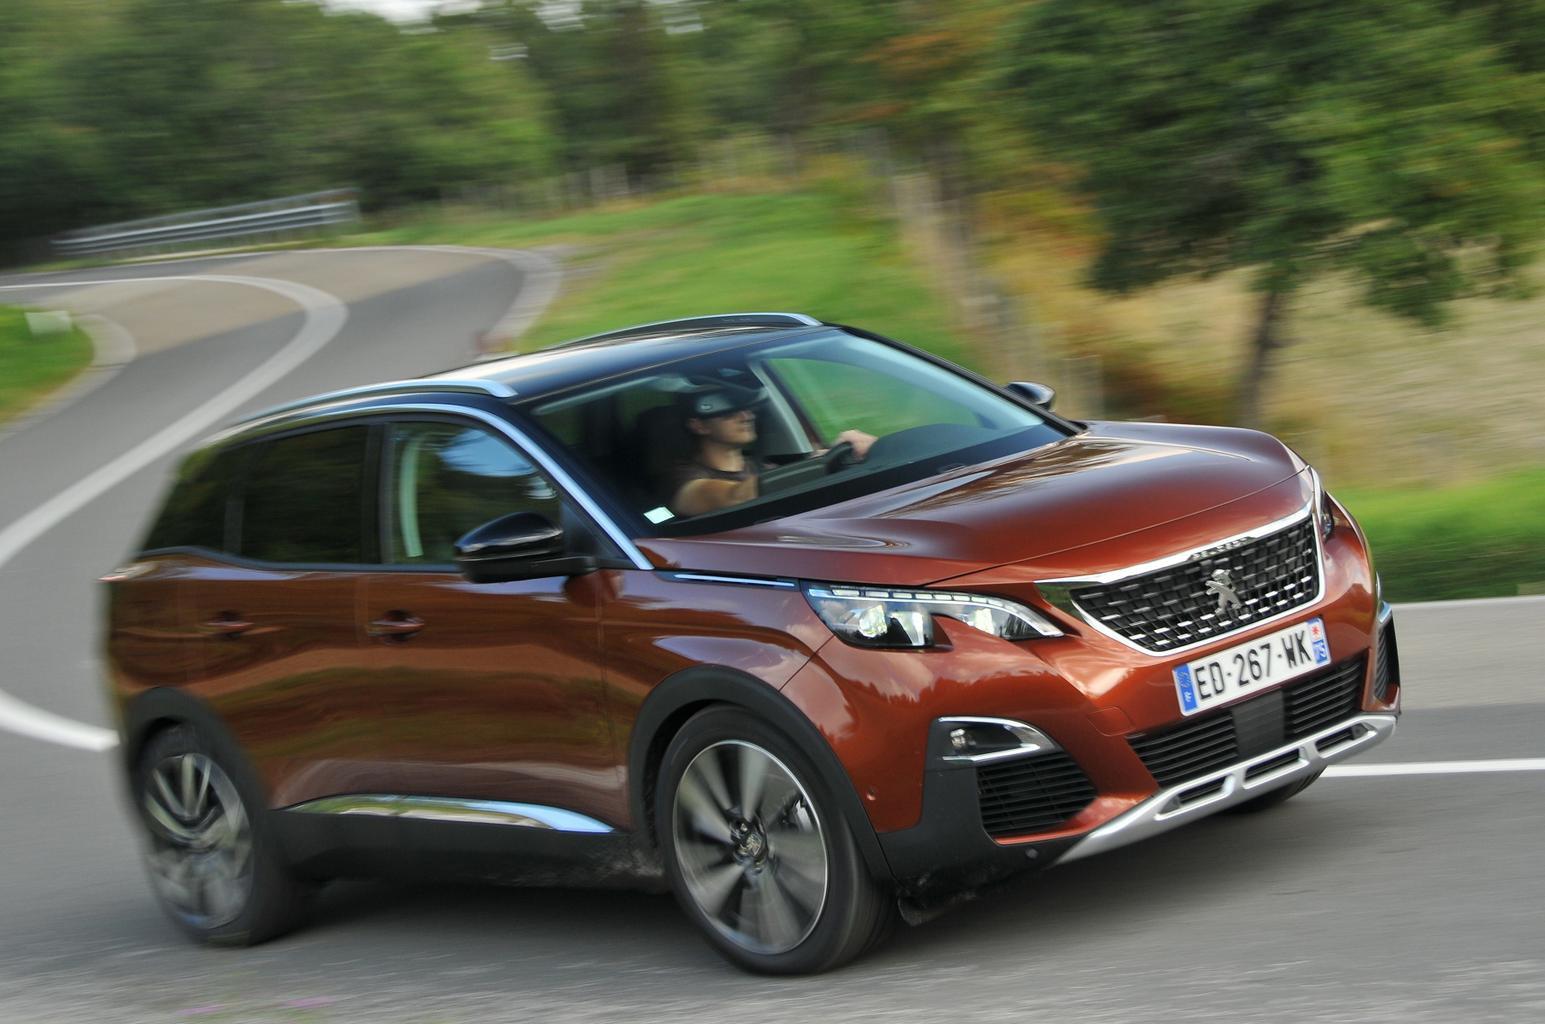 2017 Peugeot 3008 verdict and specs